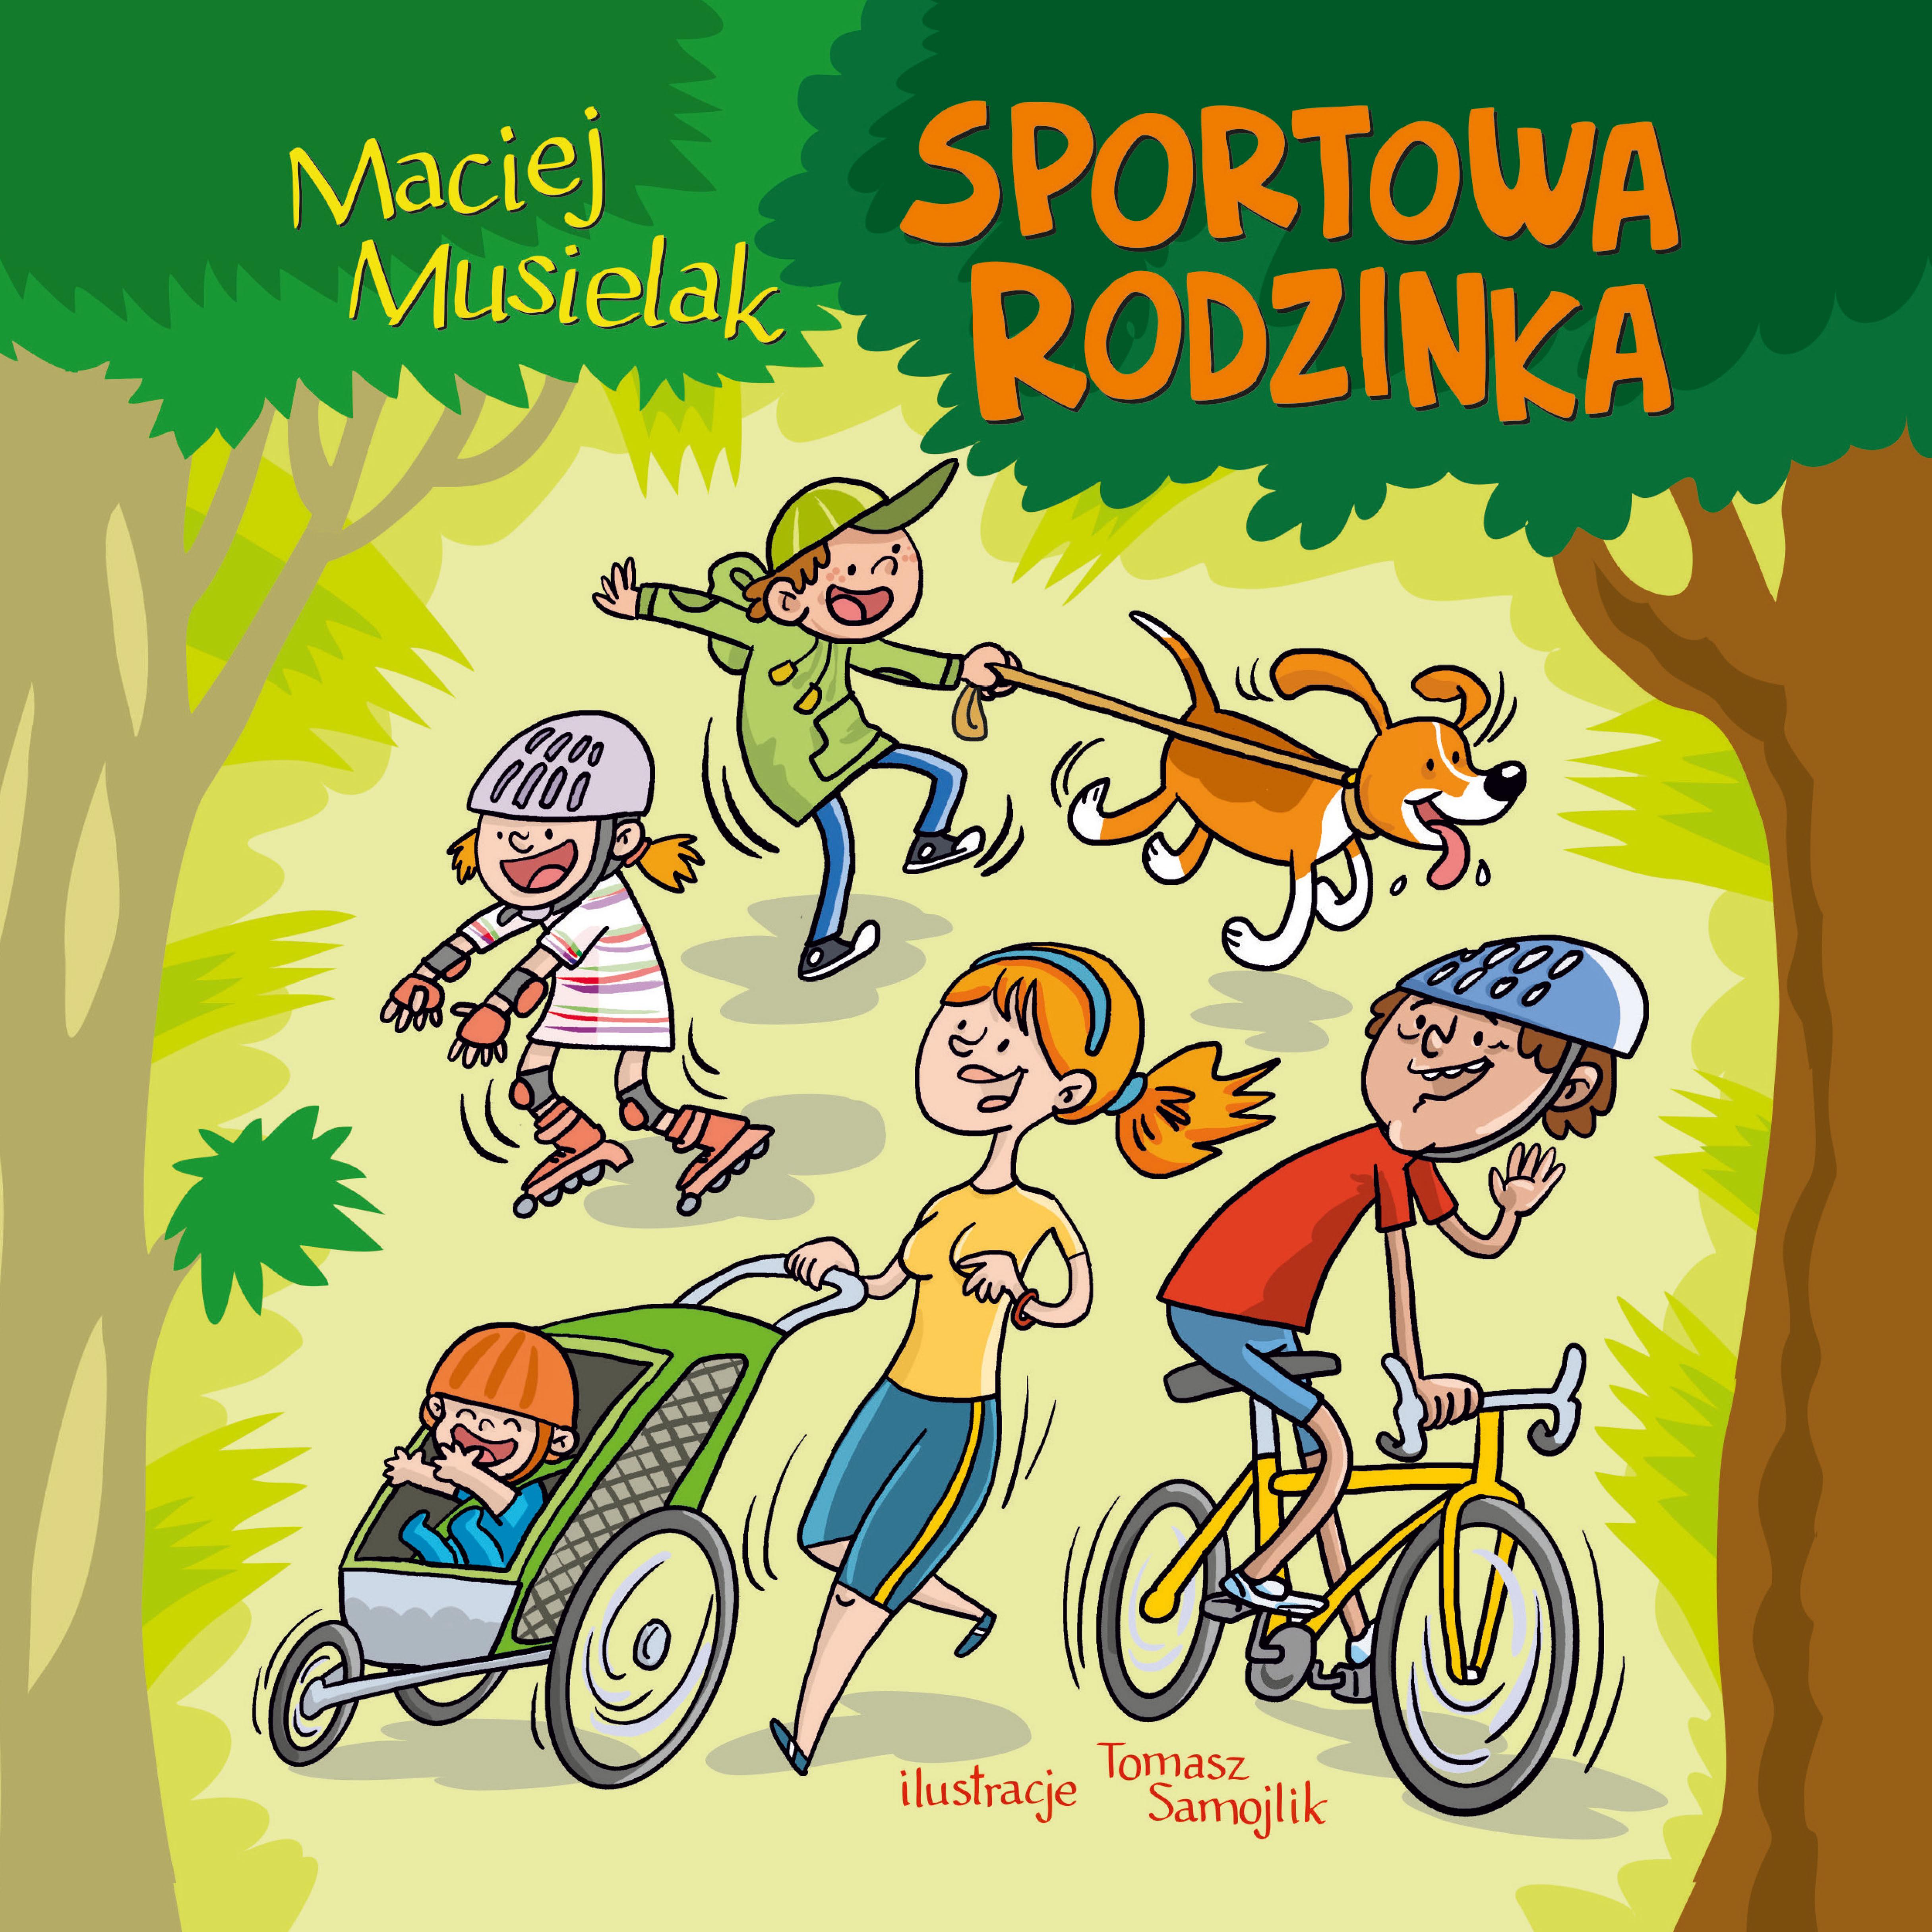 okladka_sportowa_rodzinka_1